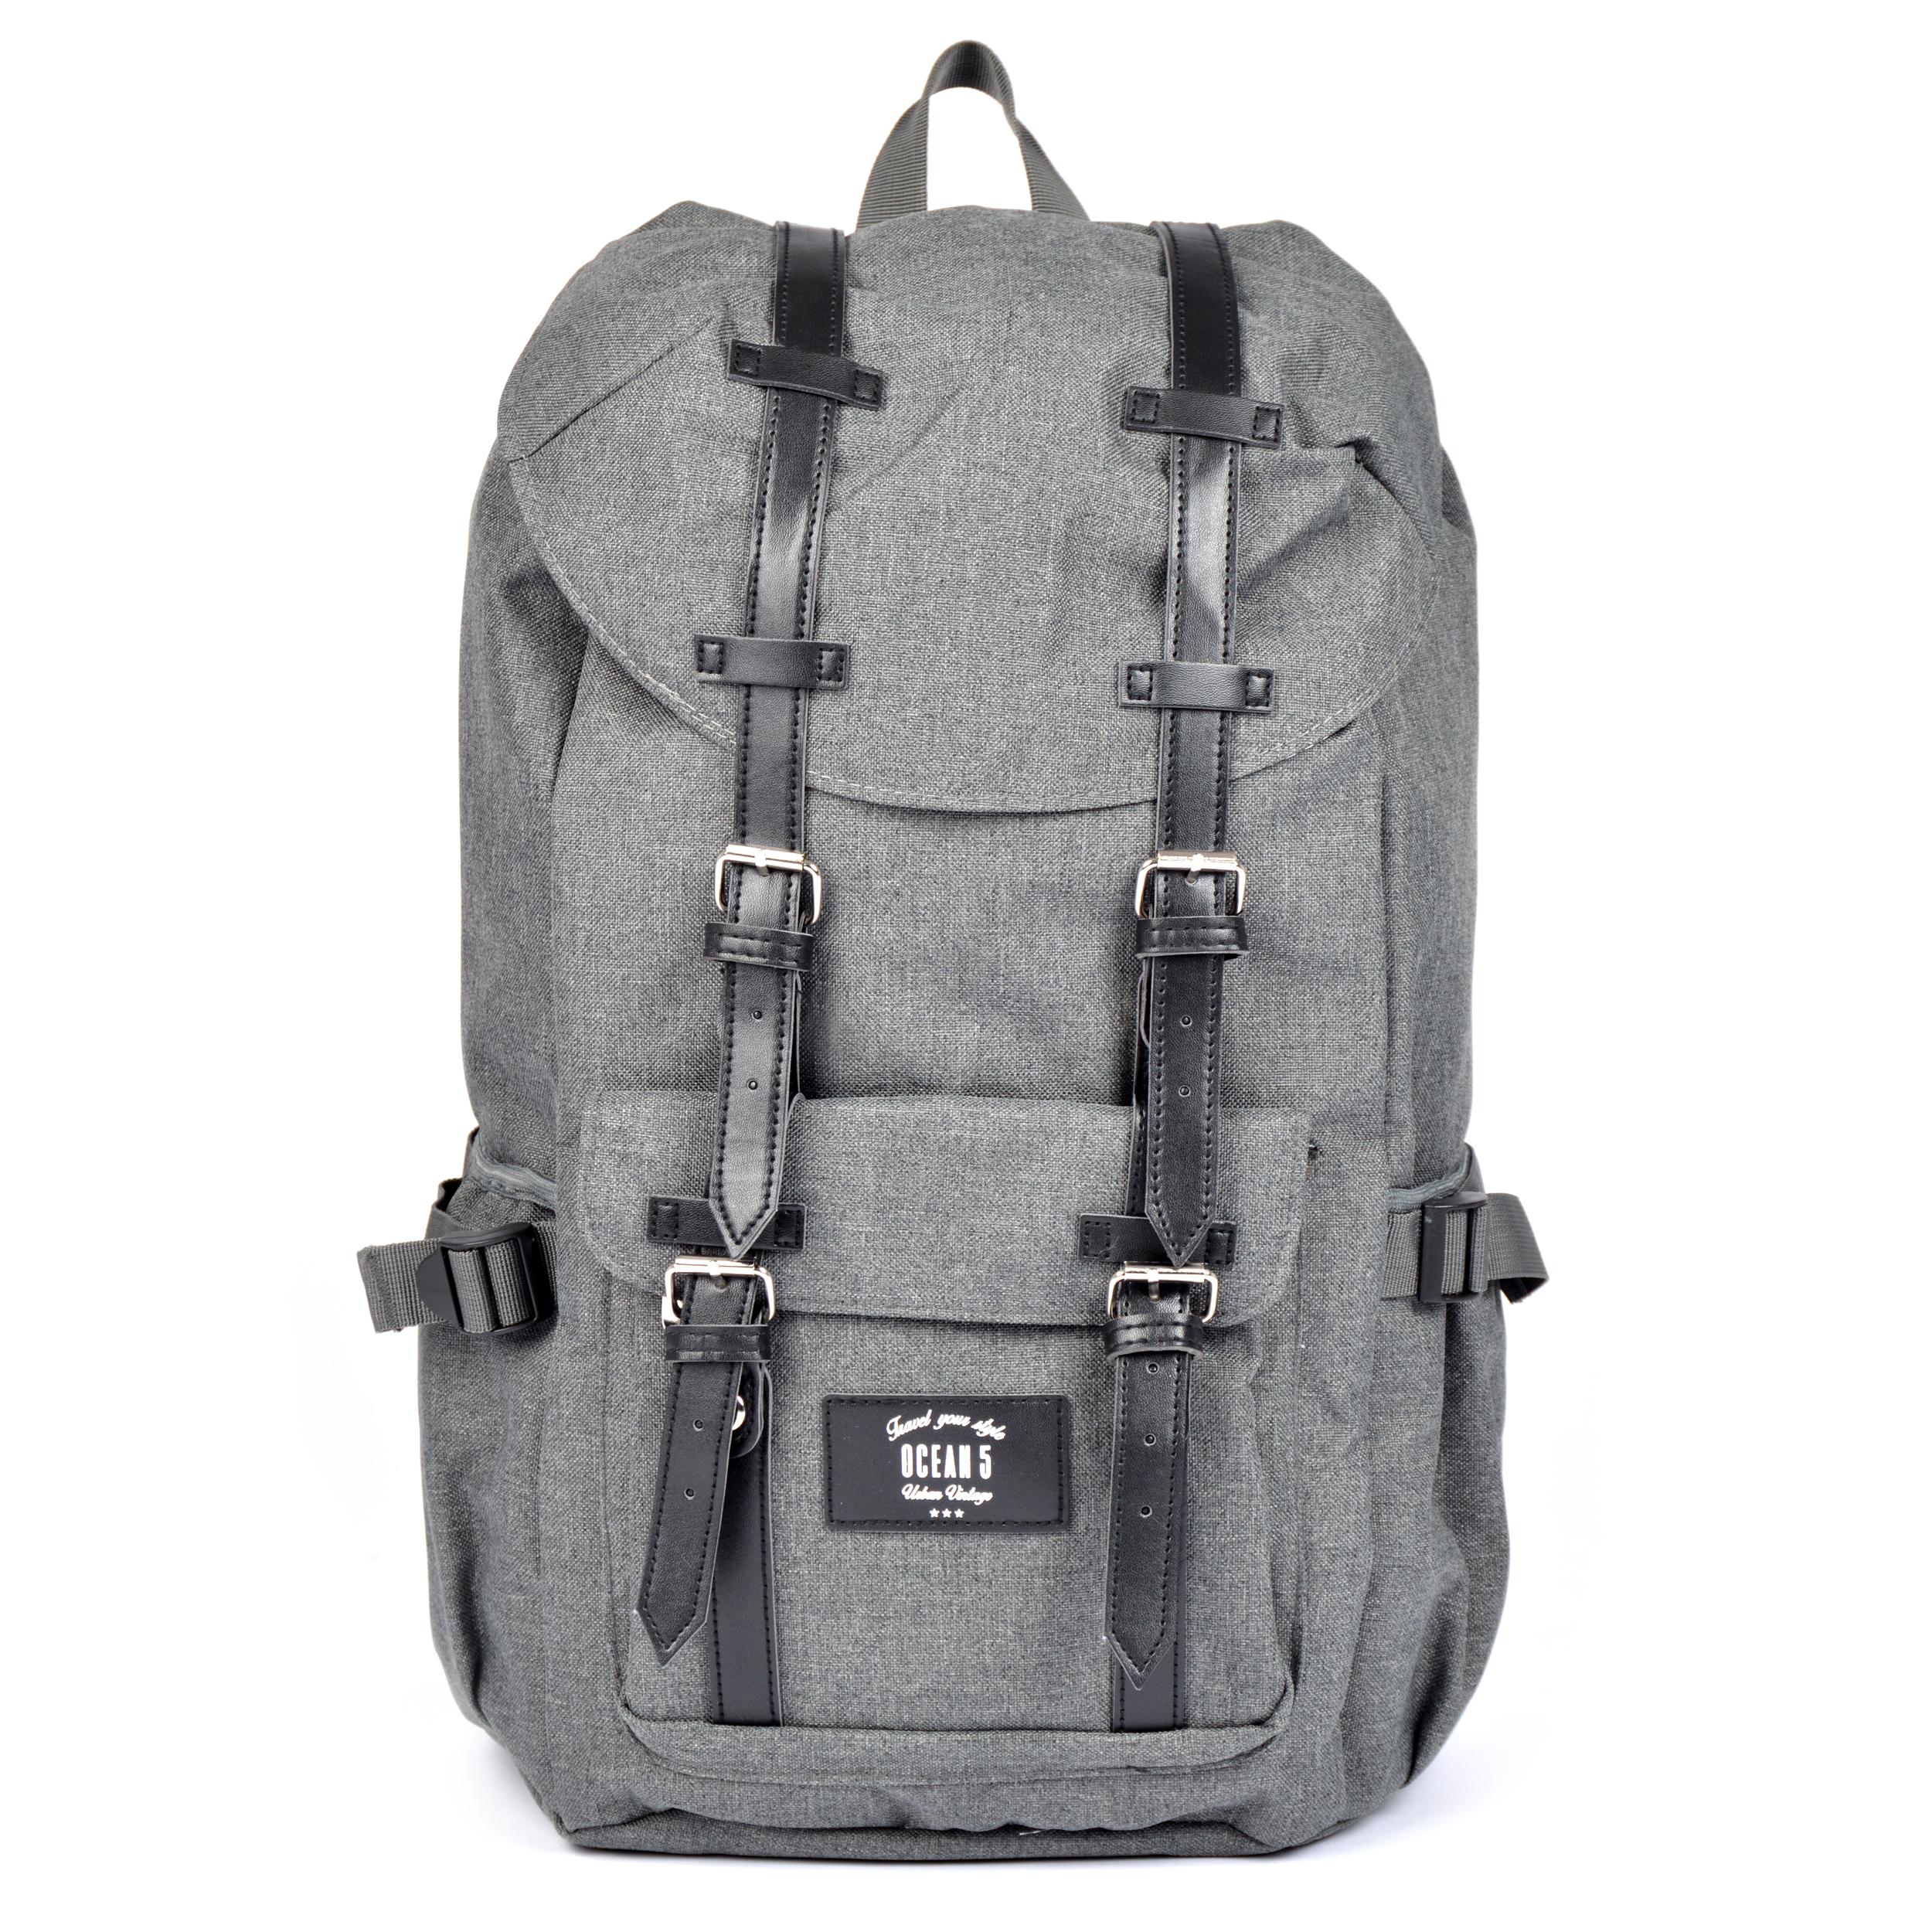 Ocean5 Montreal Rucksack für Notebooks- Grau meliert/graue Streifen